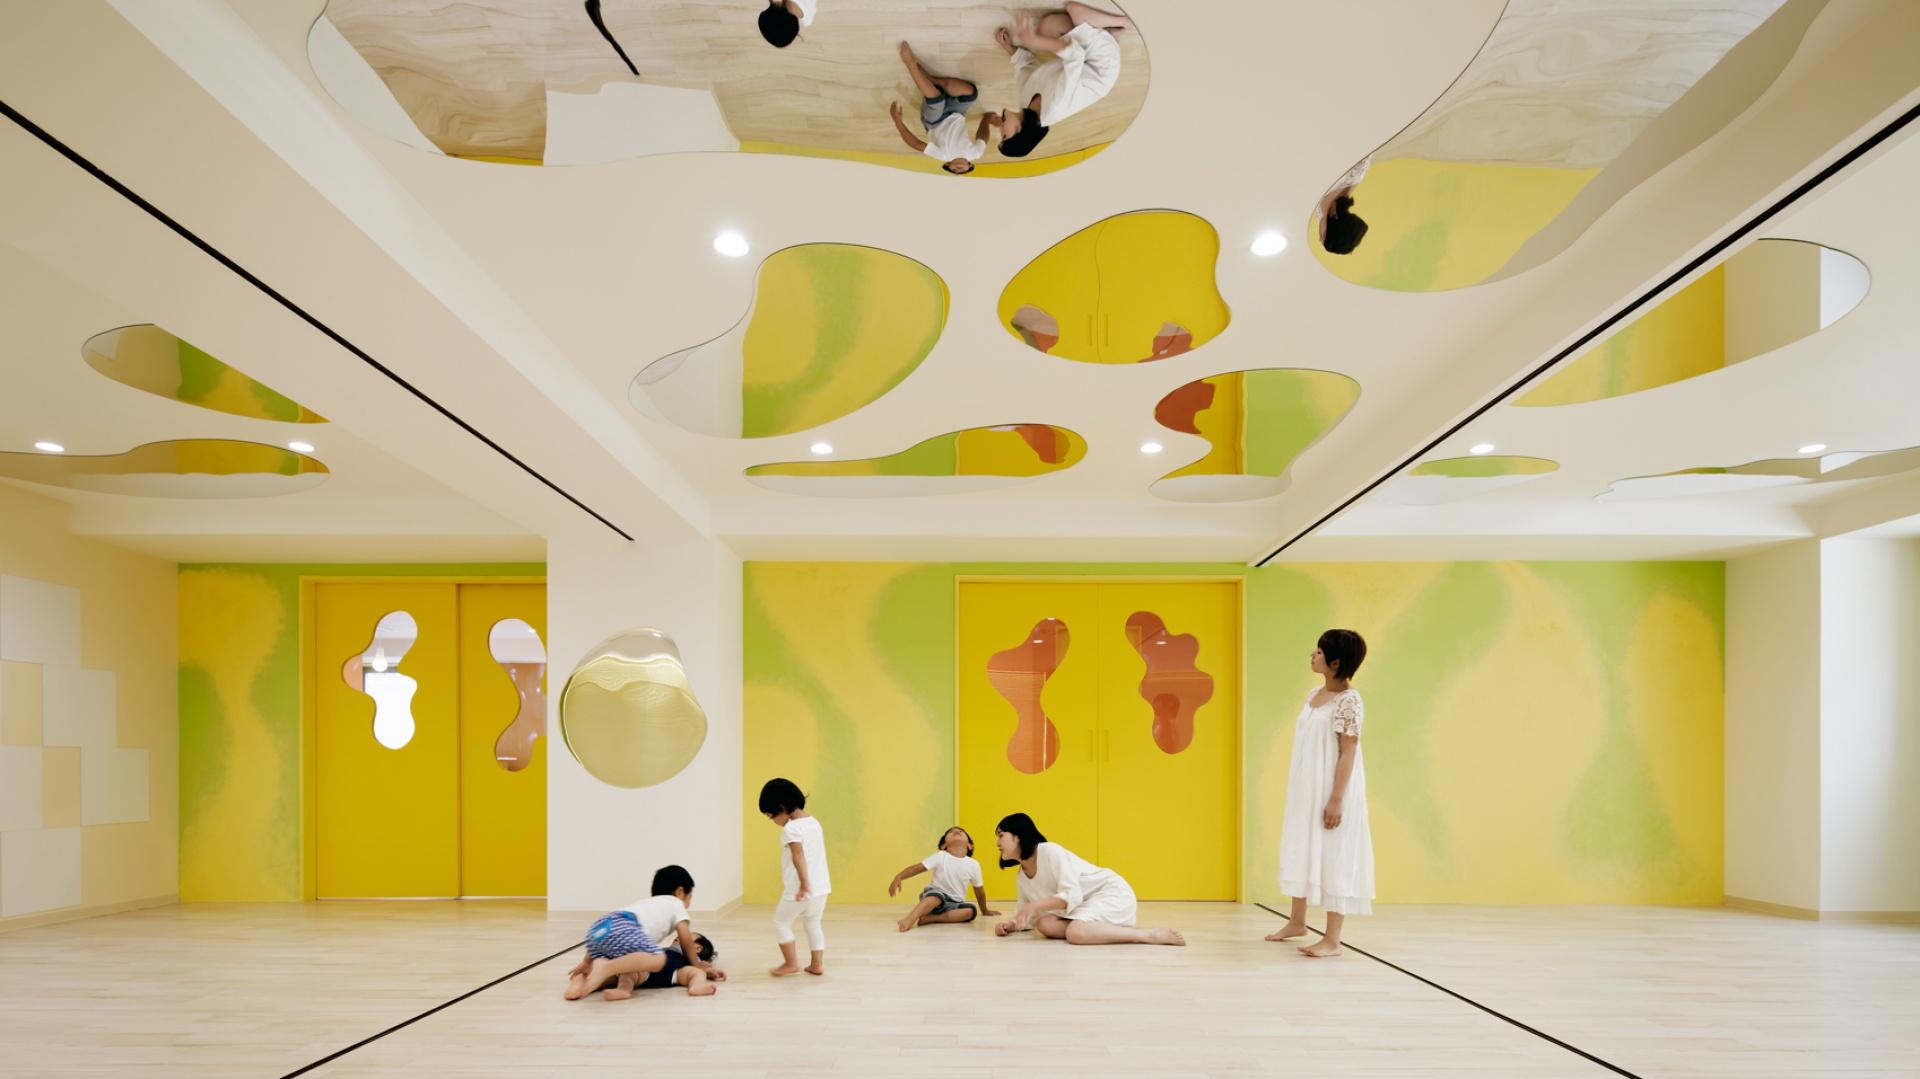 Tokijskie przedszkole LHM zostało oddane do użytku w marcu 2015 roku. Fot. Atsushi Ishida